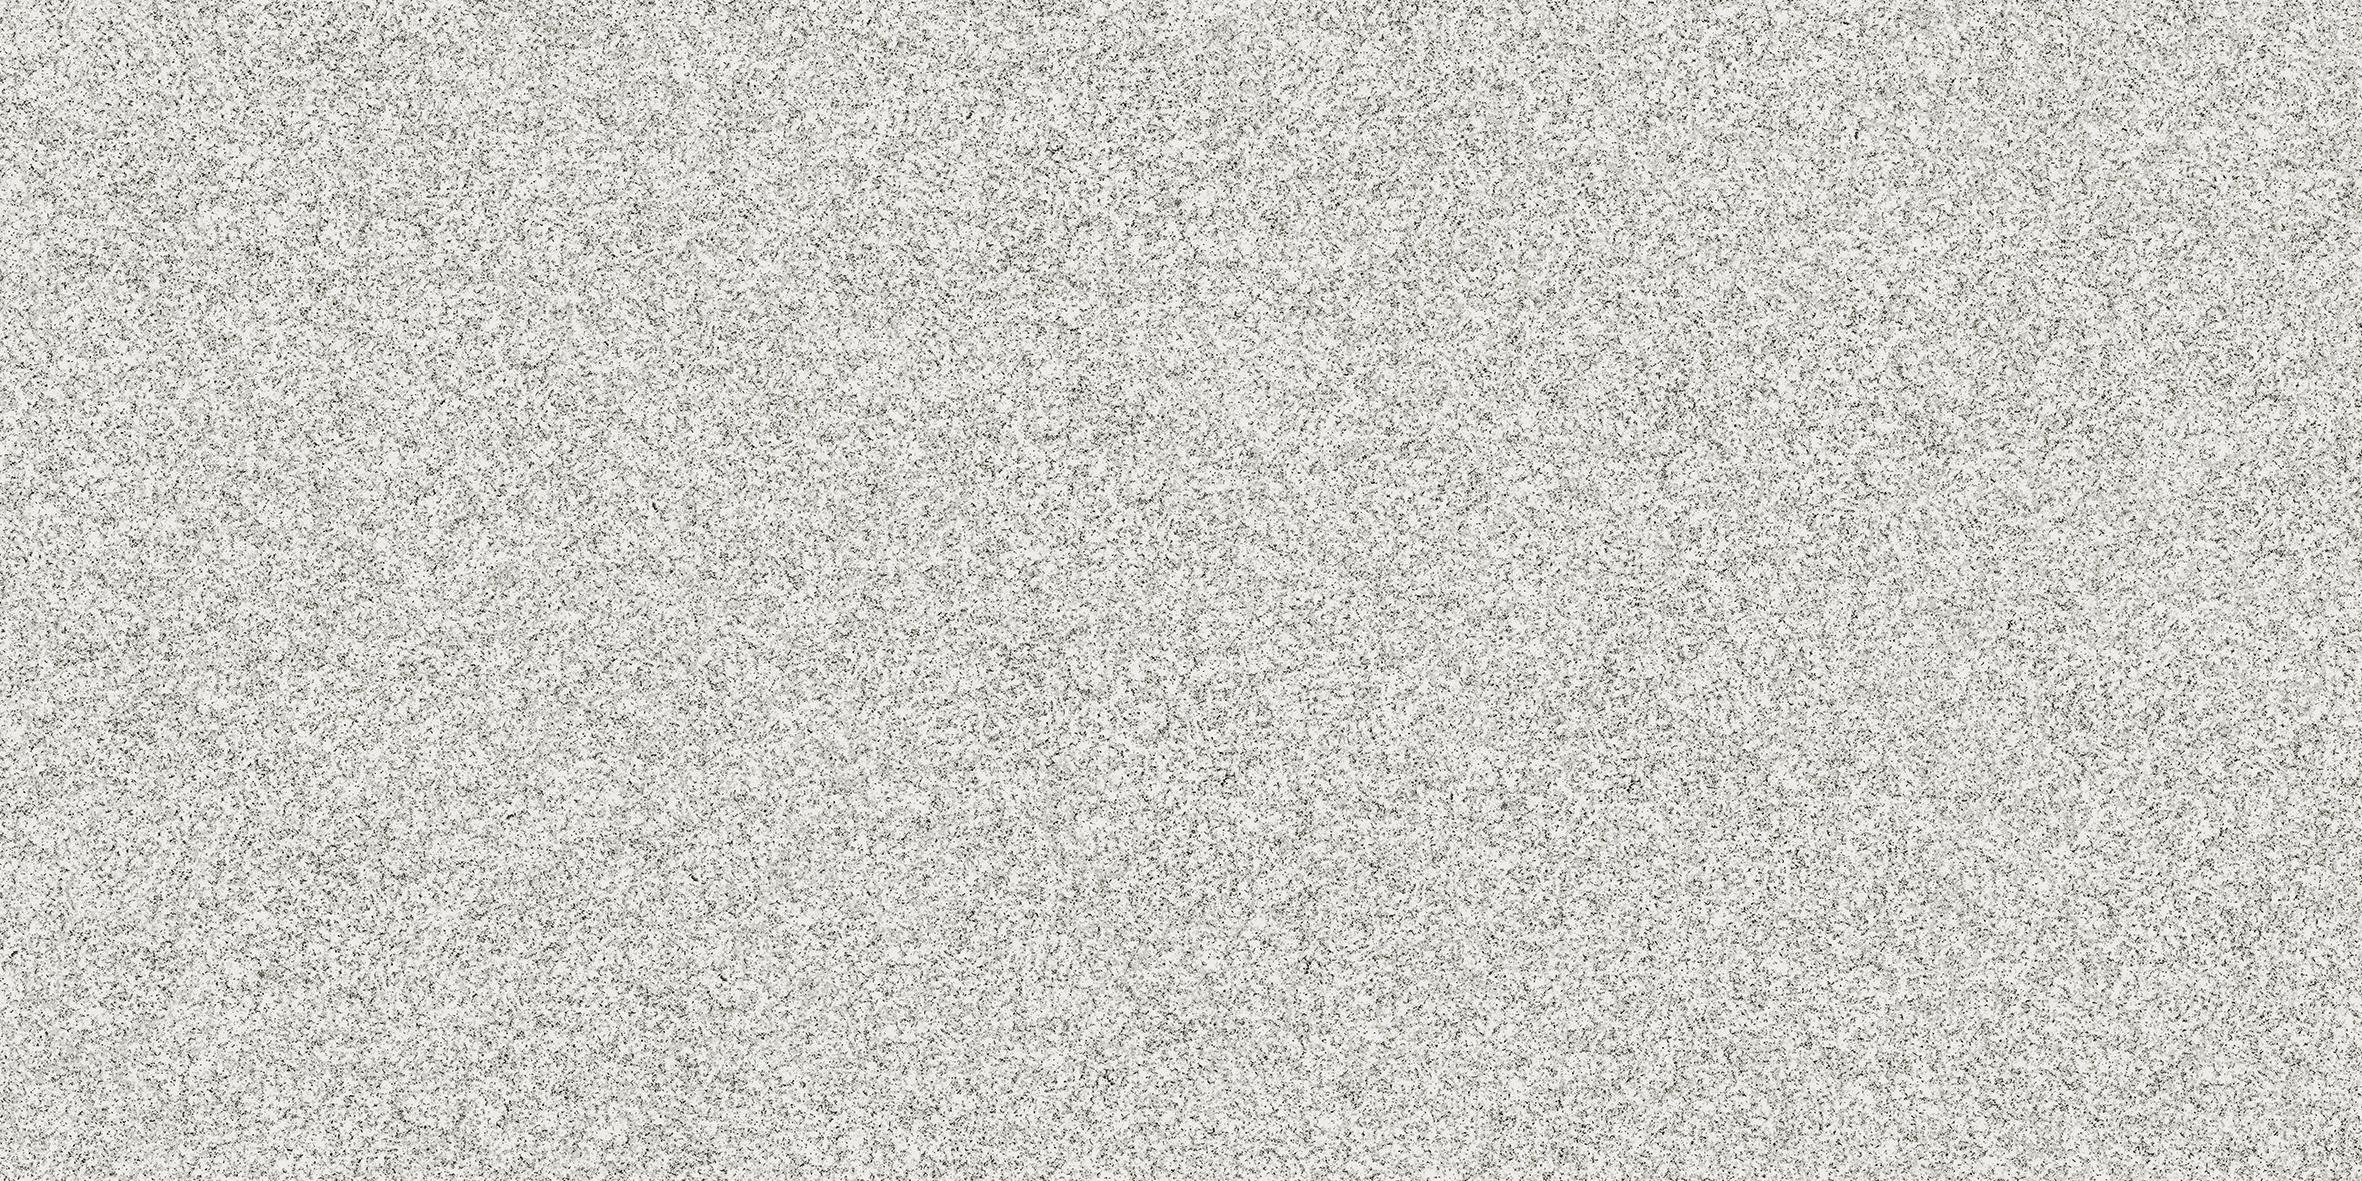 36HG01A芝麻灰